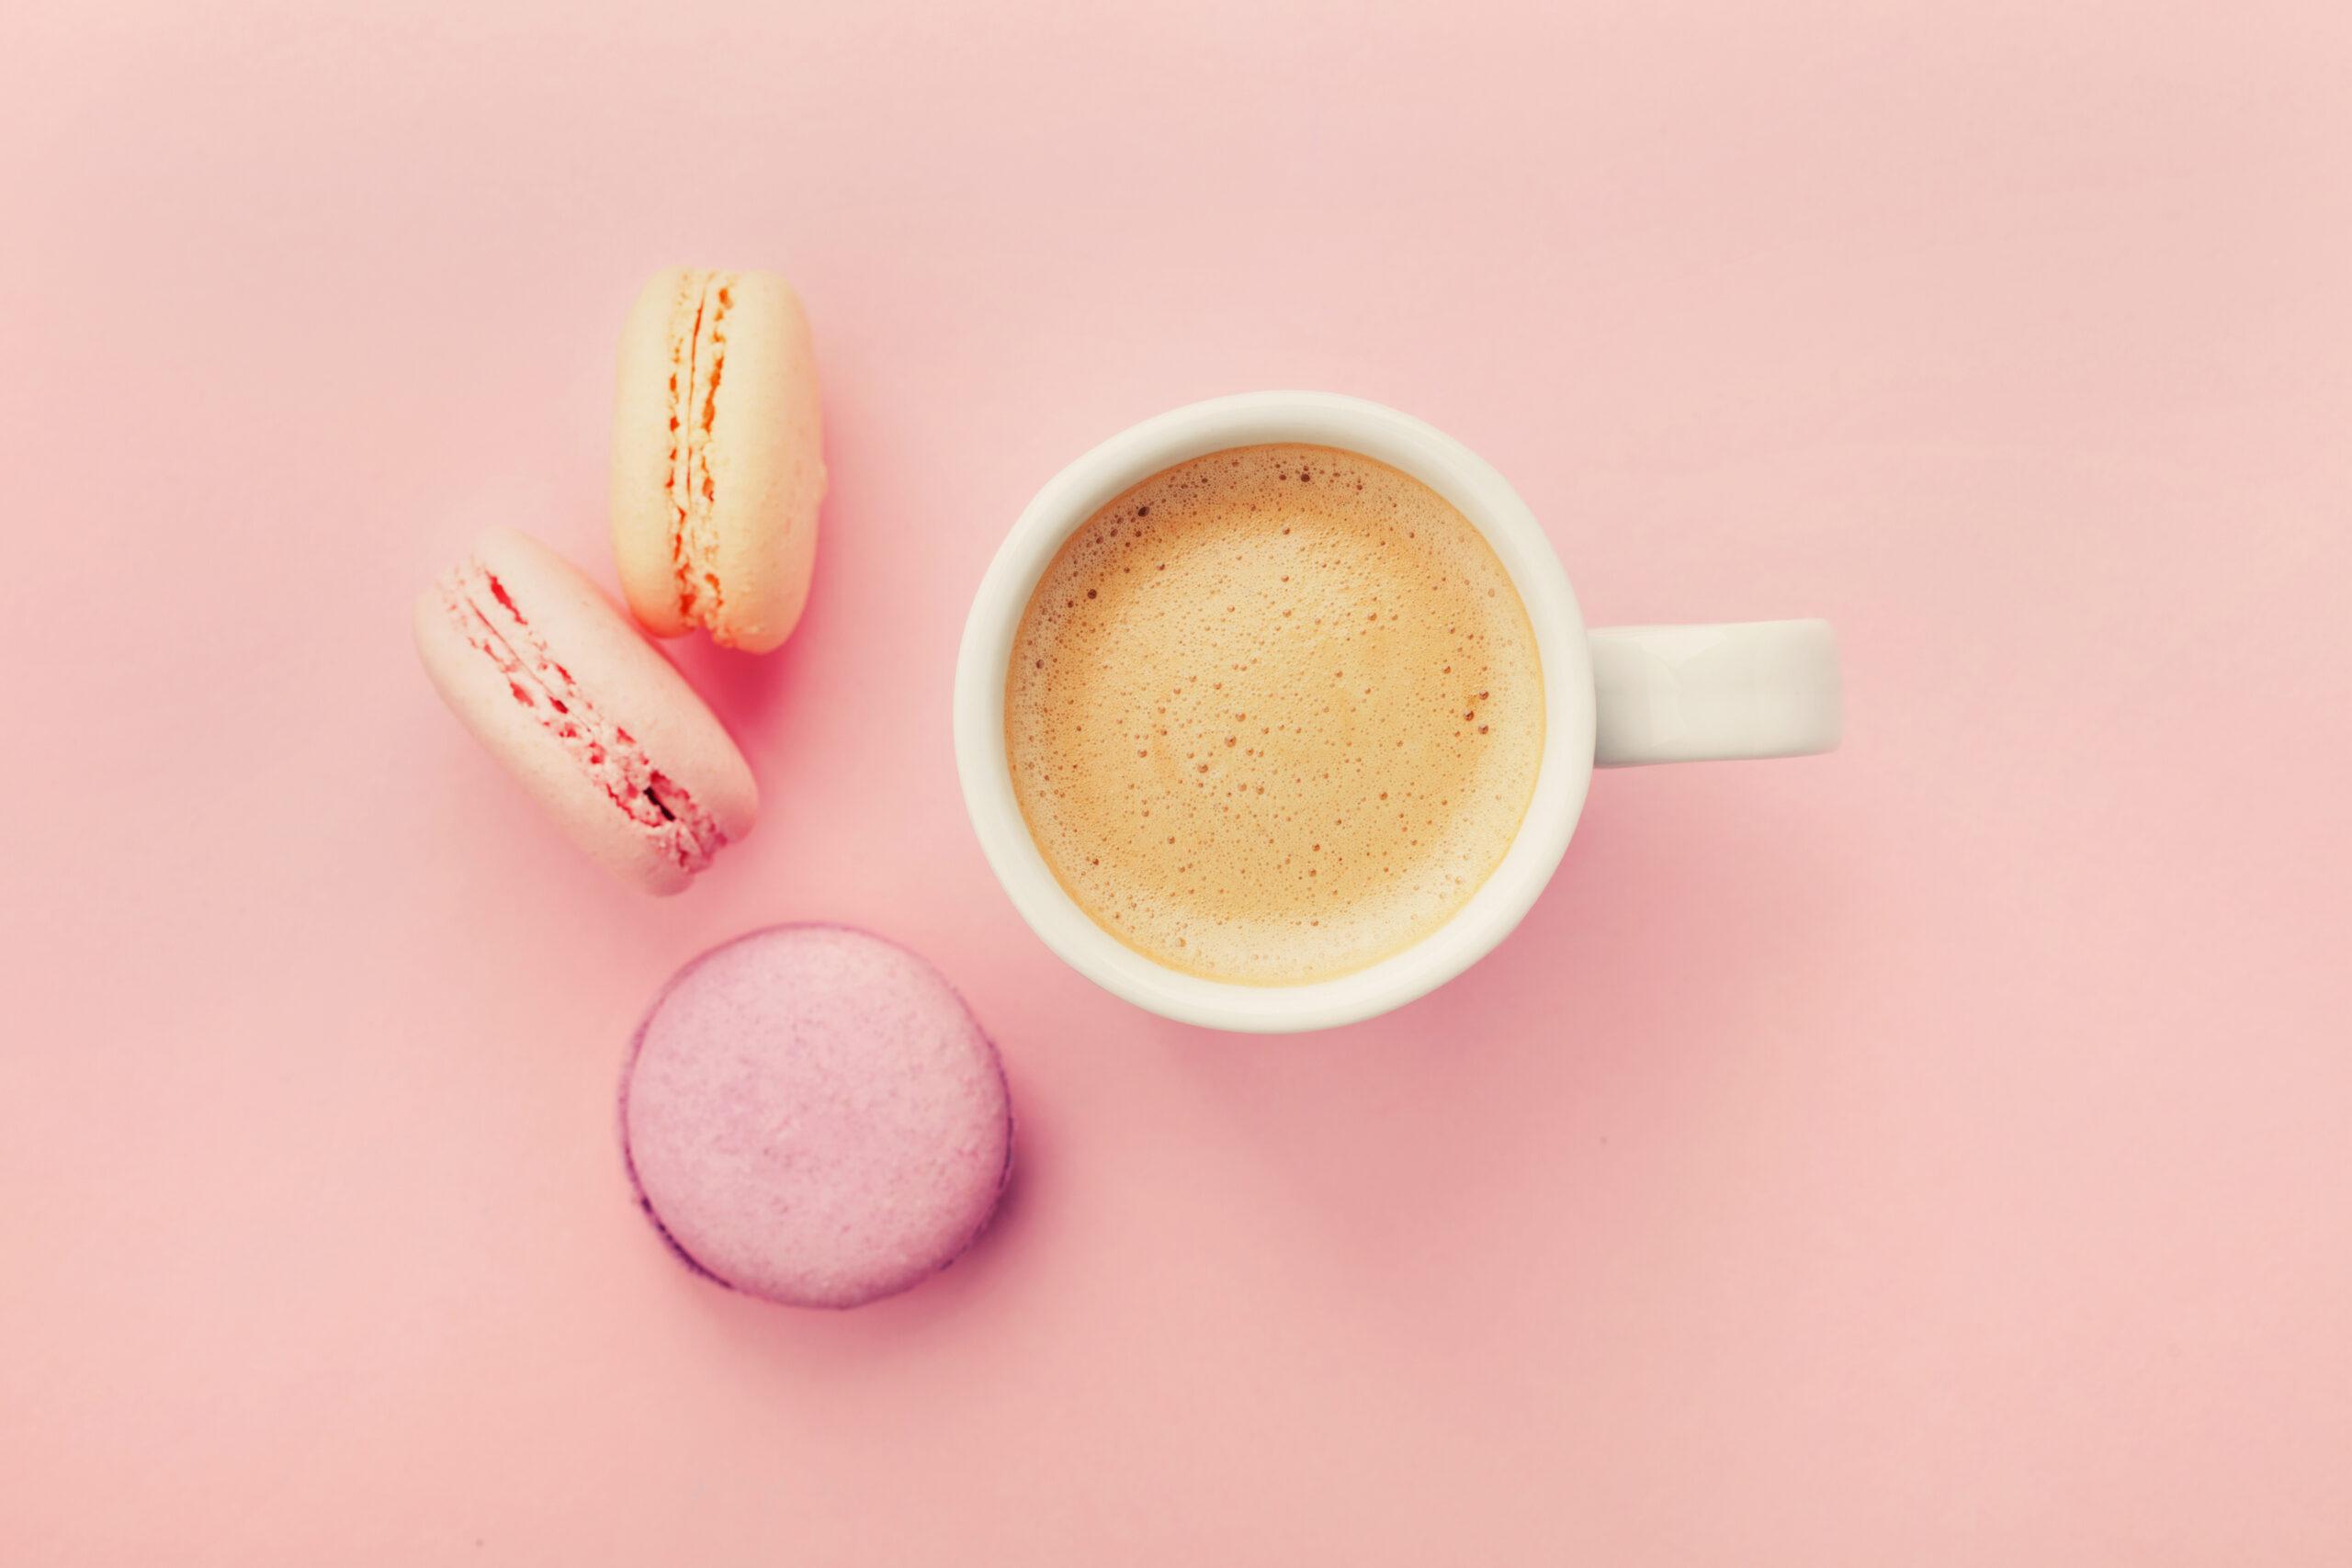 カフェイン入りの飲み物に注意